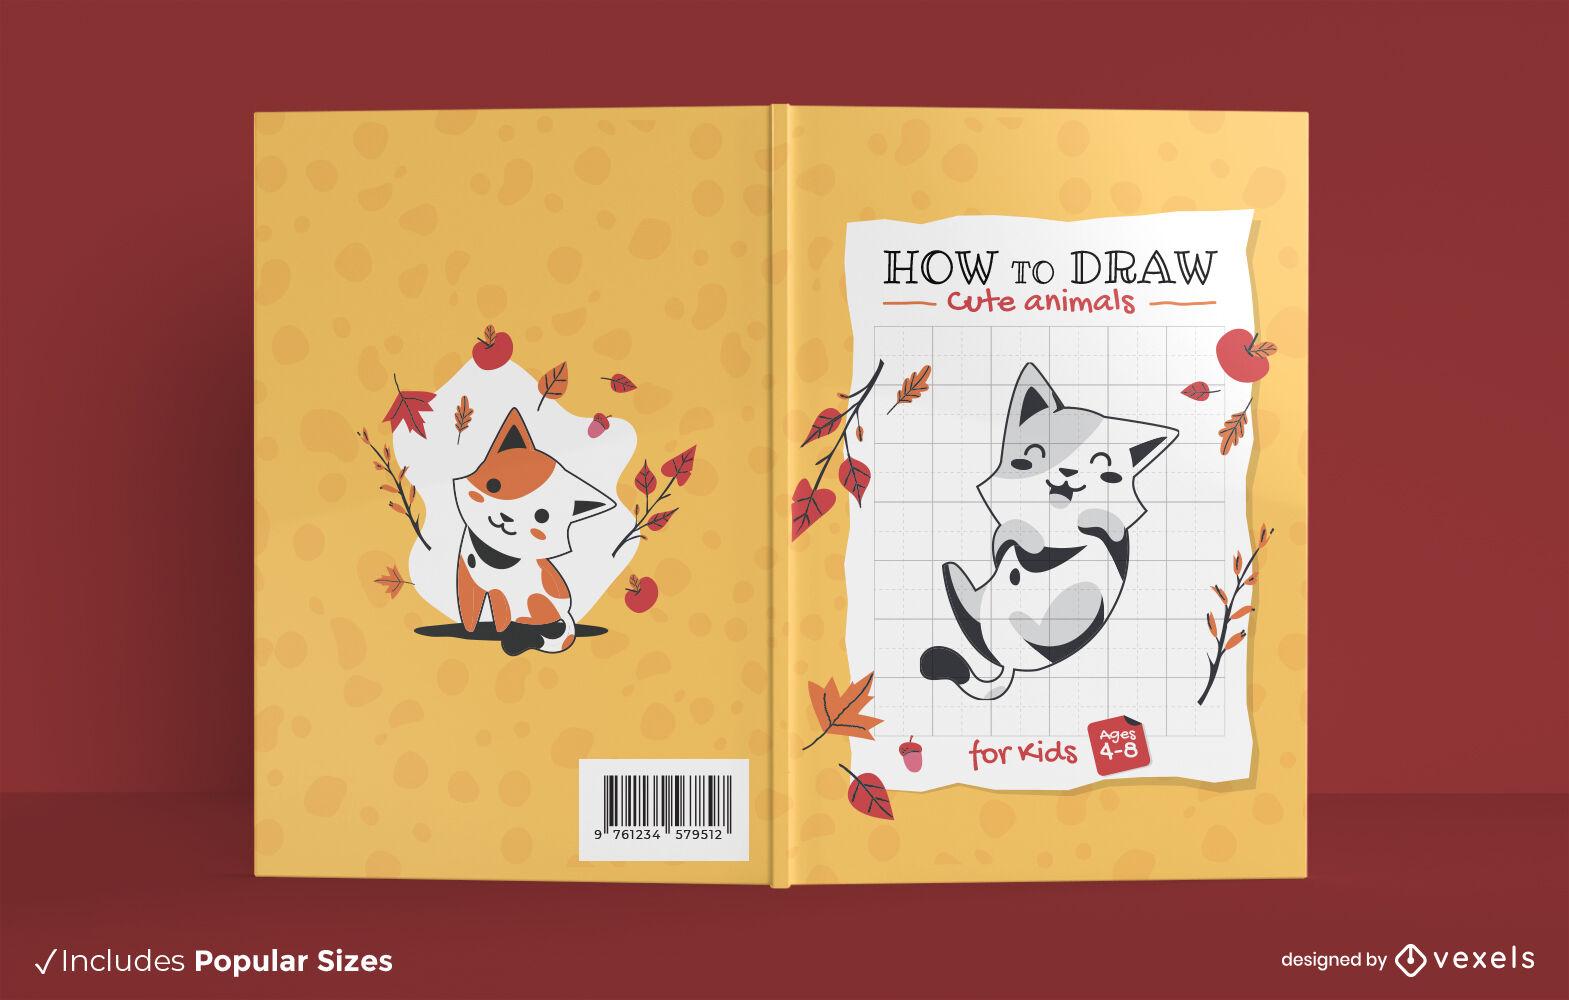 Lindo diseño de portada de libro de dibujo de animales